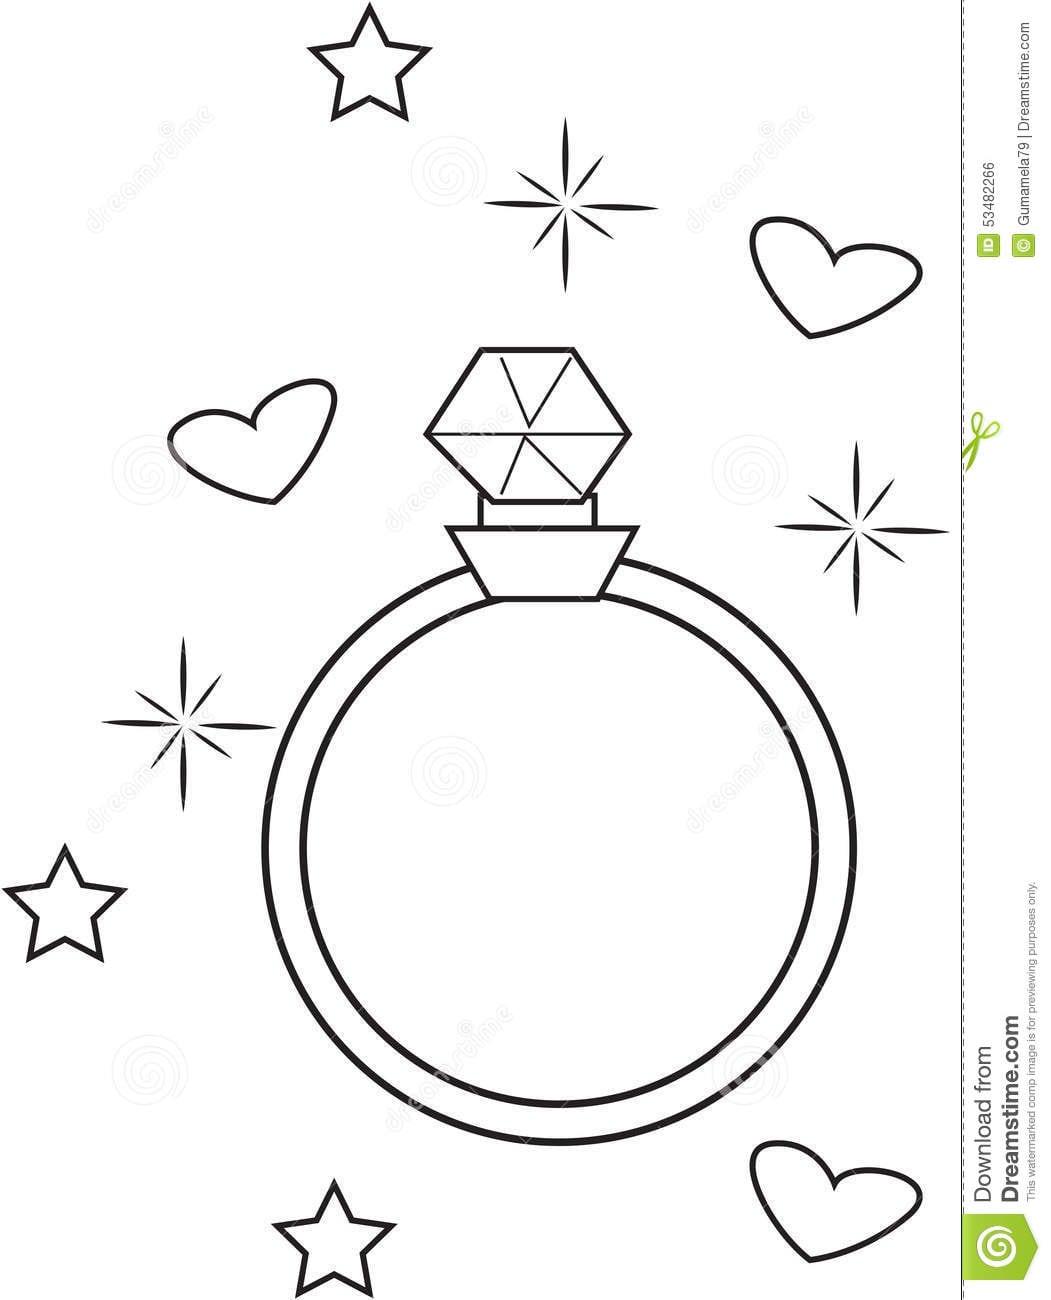 Página Da Coloração Do Anel De Diamante Ilustração Stock